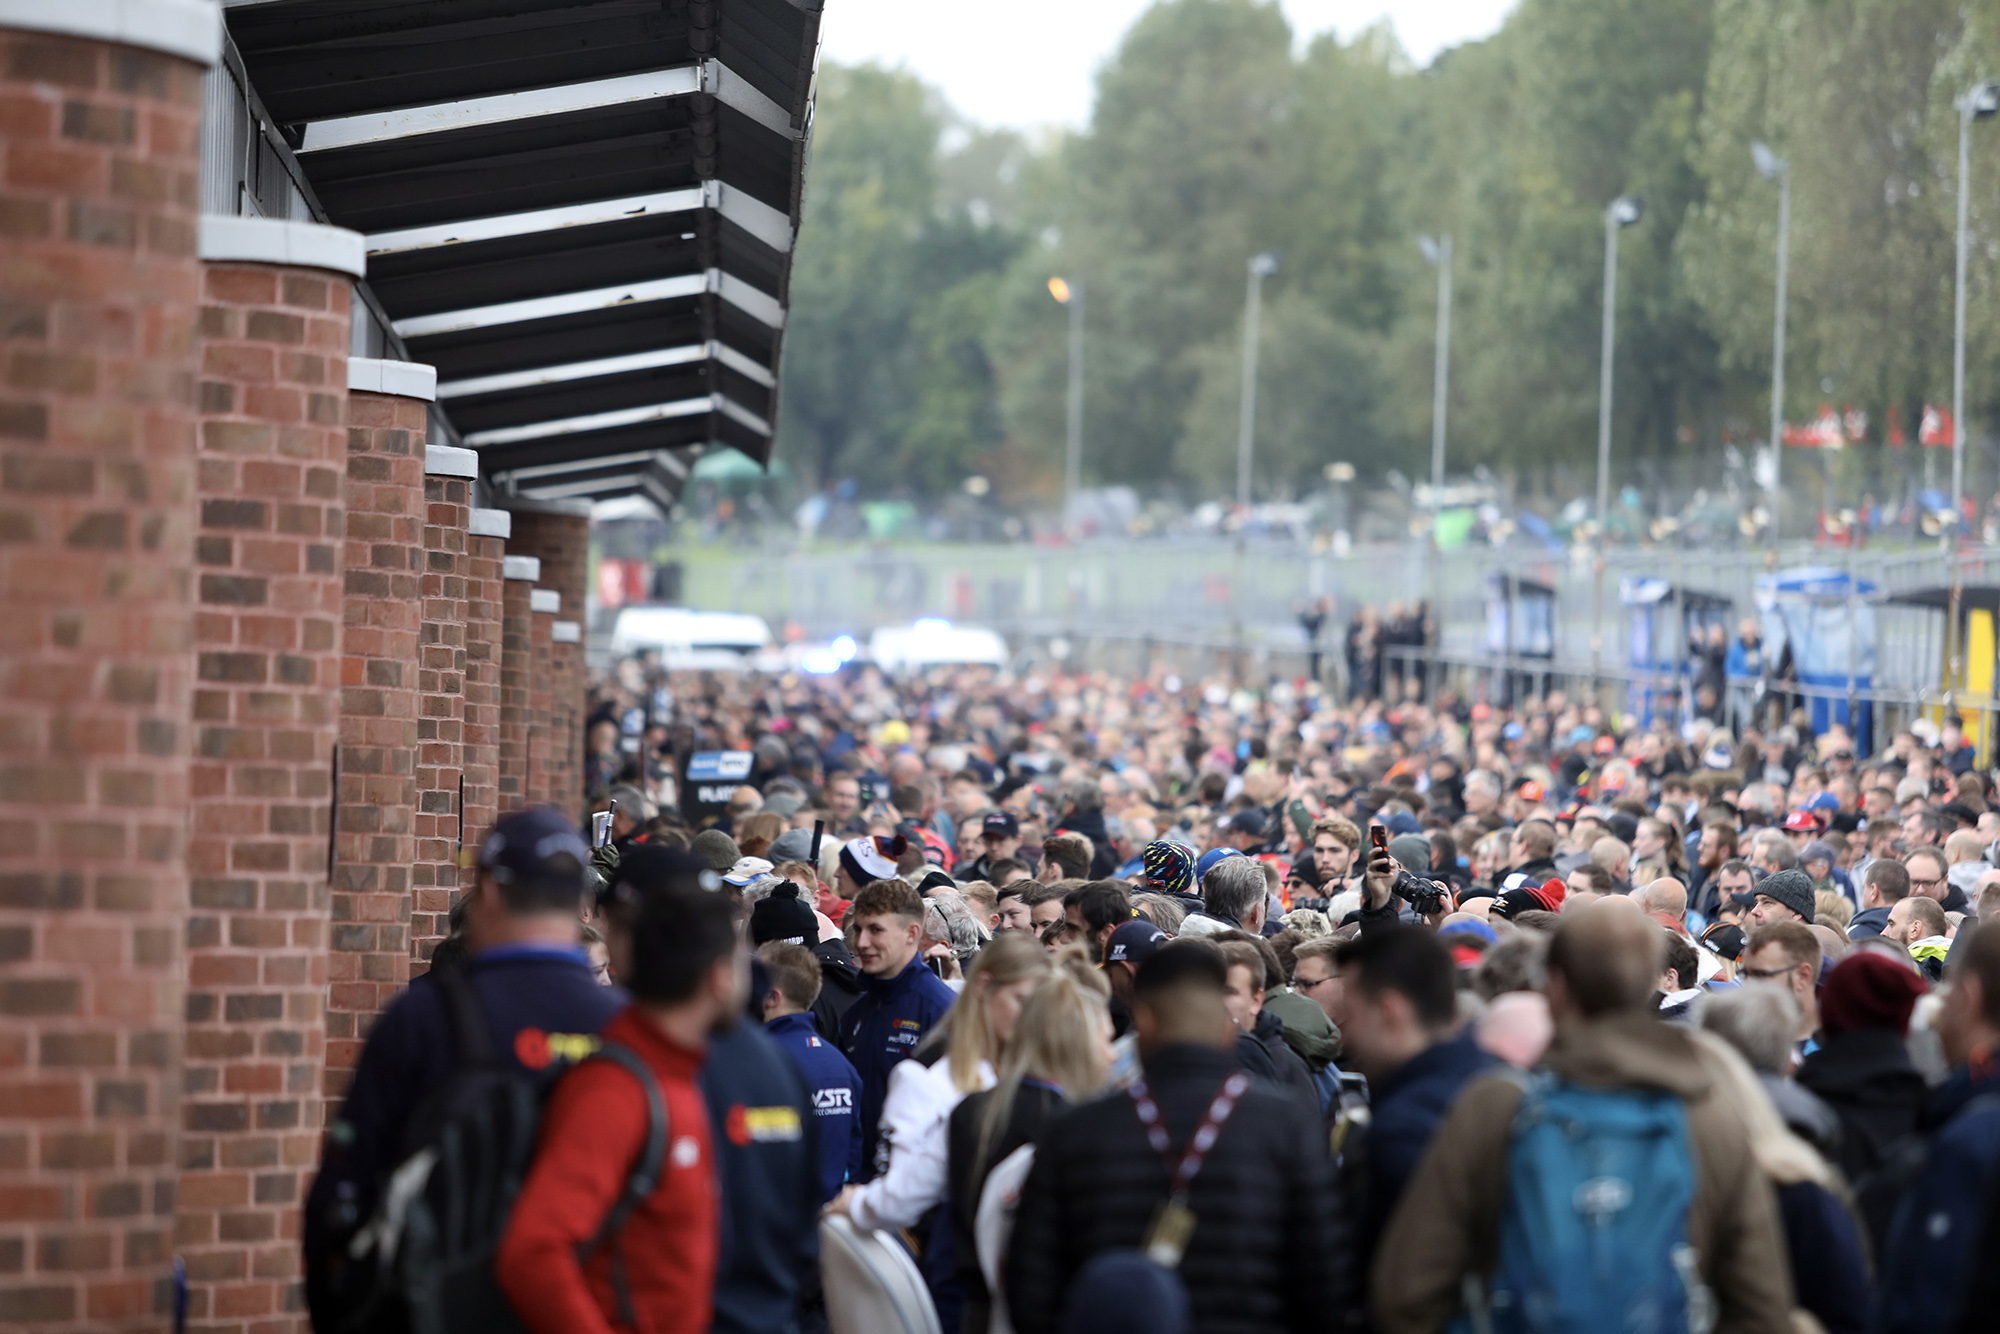 BTCC crowd at Brands Hatch in 2019